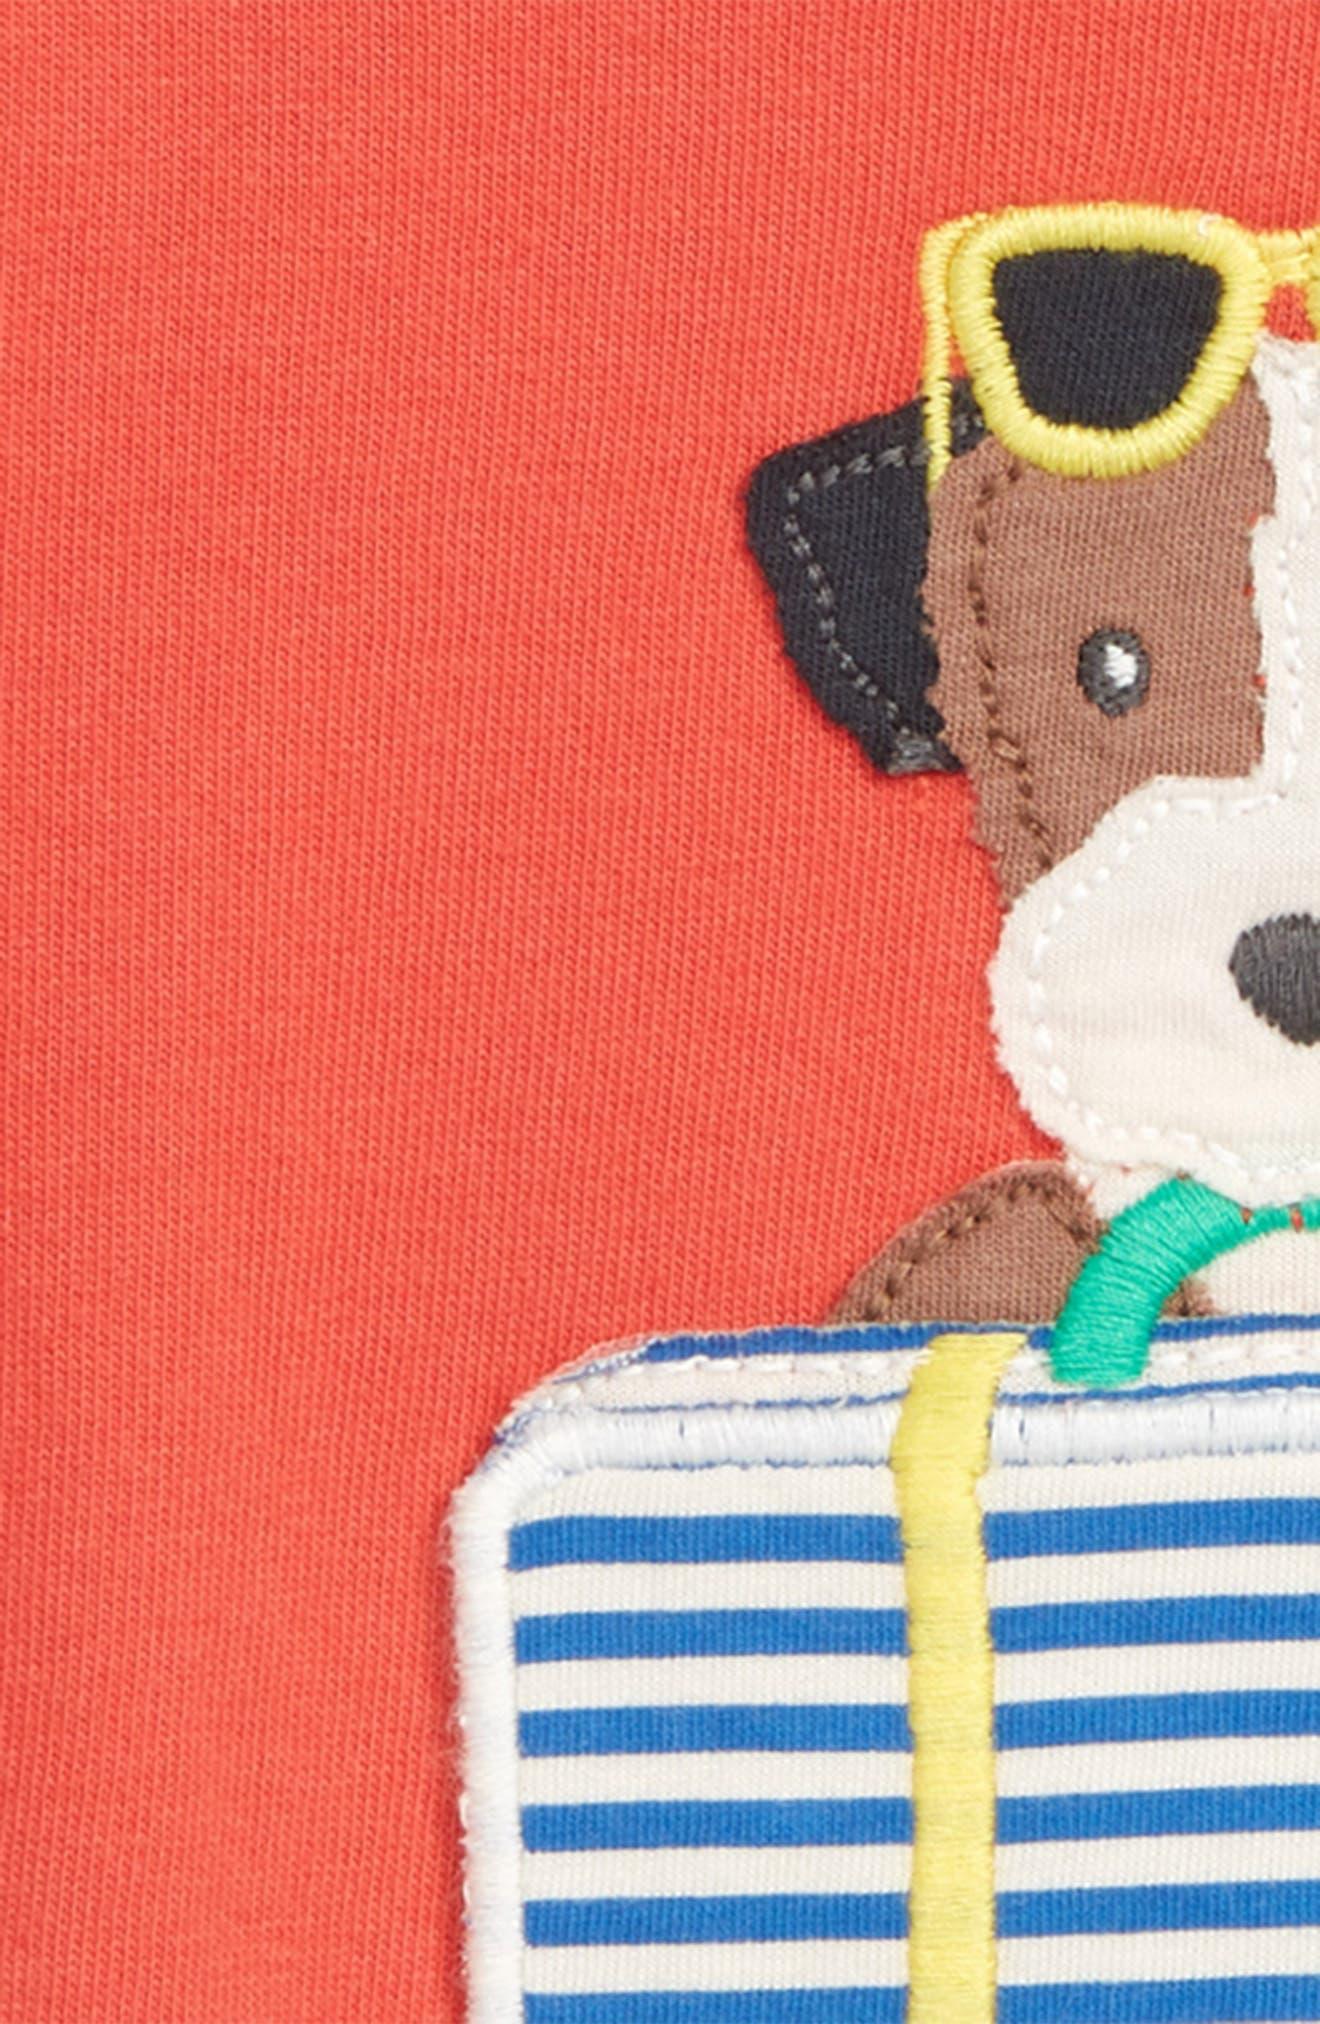 MINI BODEN,                             Peekaboo T-Shirt,                             Alternate thumbnail 2, color,                             614